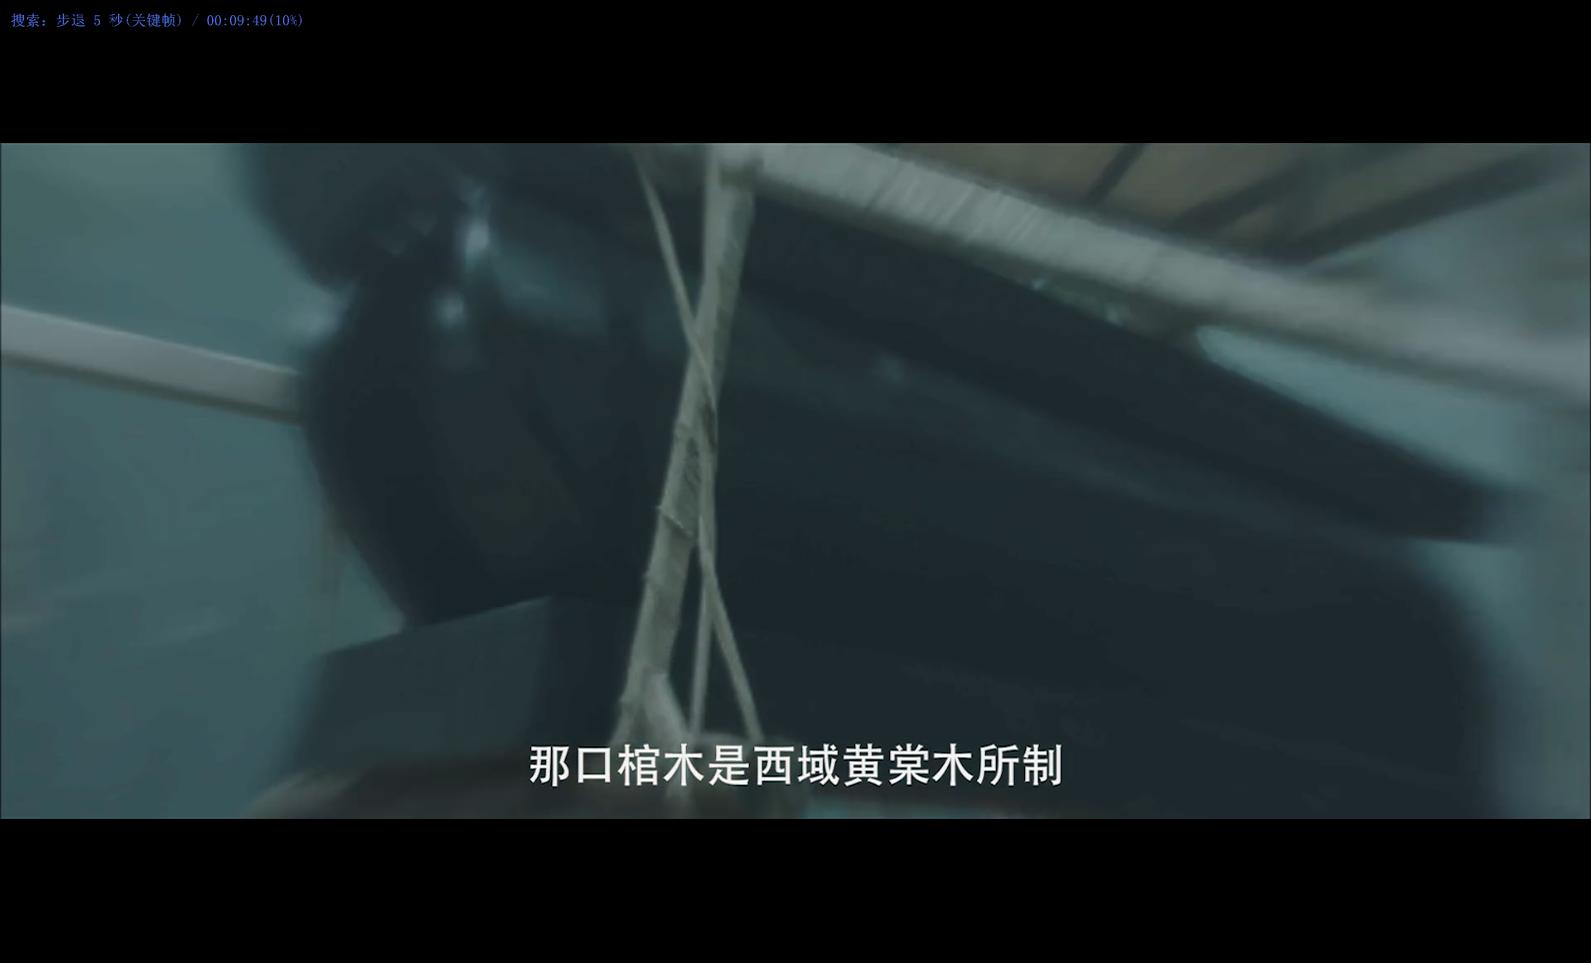 2018.[劇情/動作/懸疑][狄仁杰之幽冥道]HD1080P迅雷百度云高清下載圖片 第3張